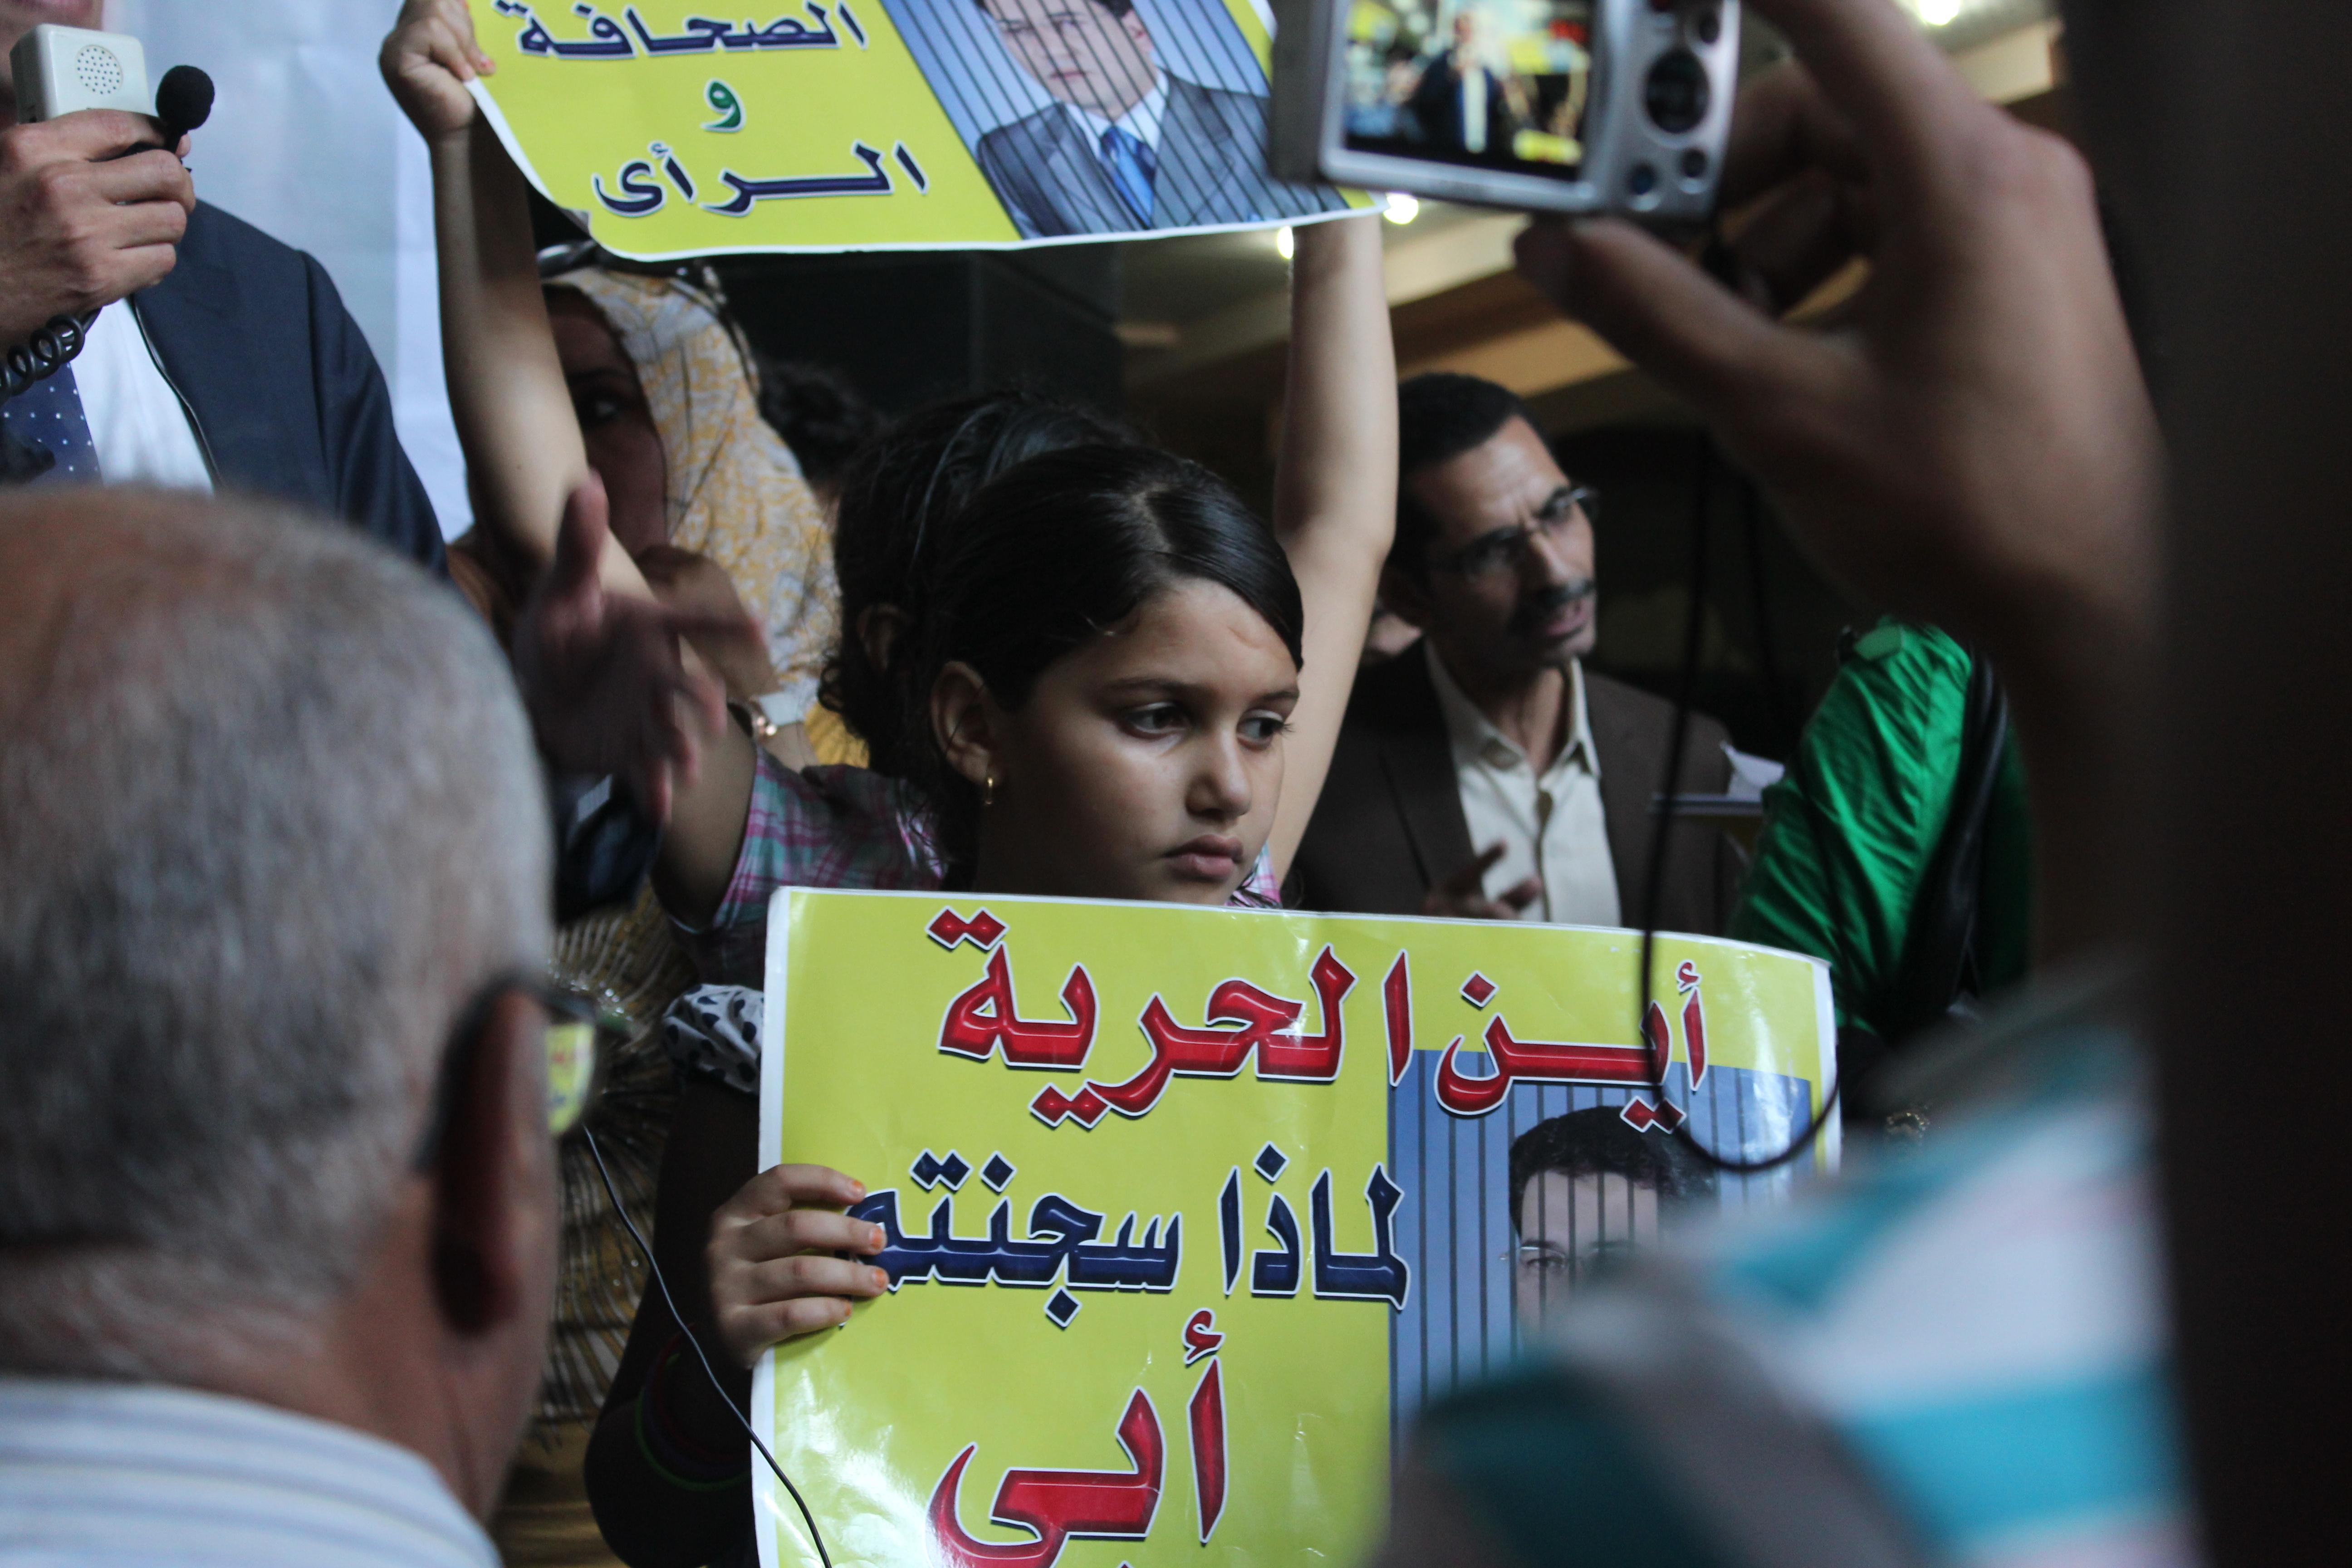 ابنة أحد الصحفيين المعتقلين